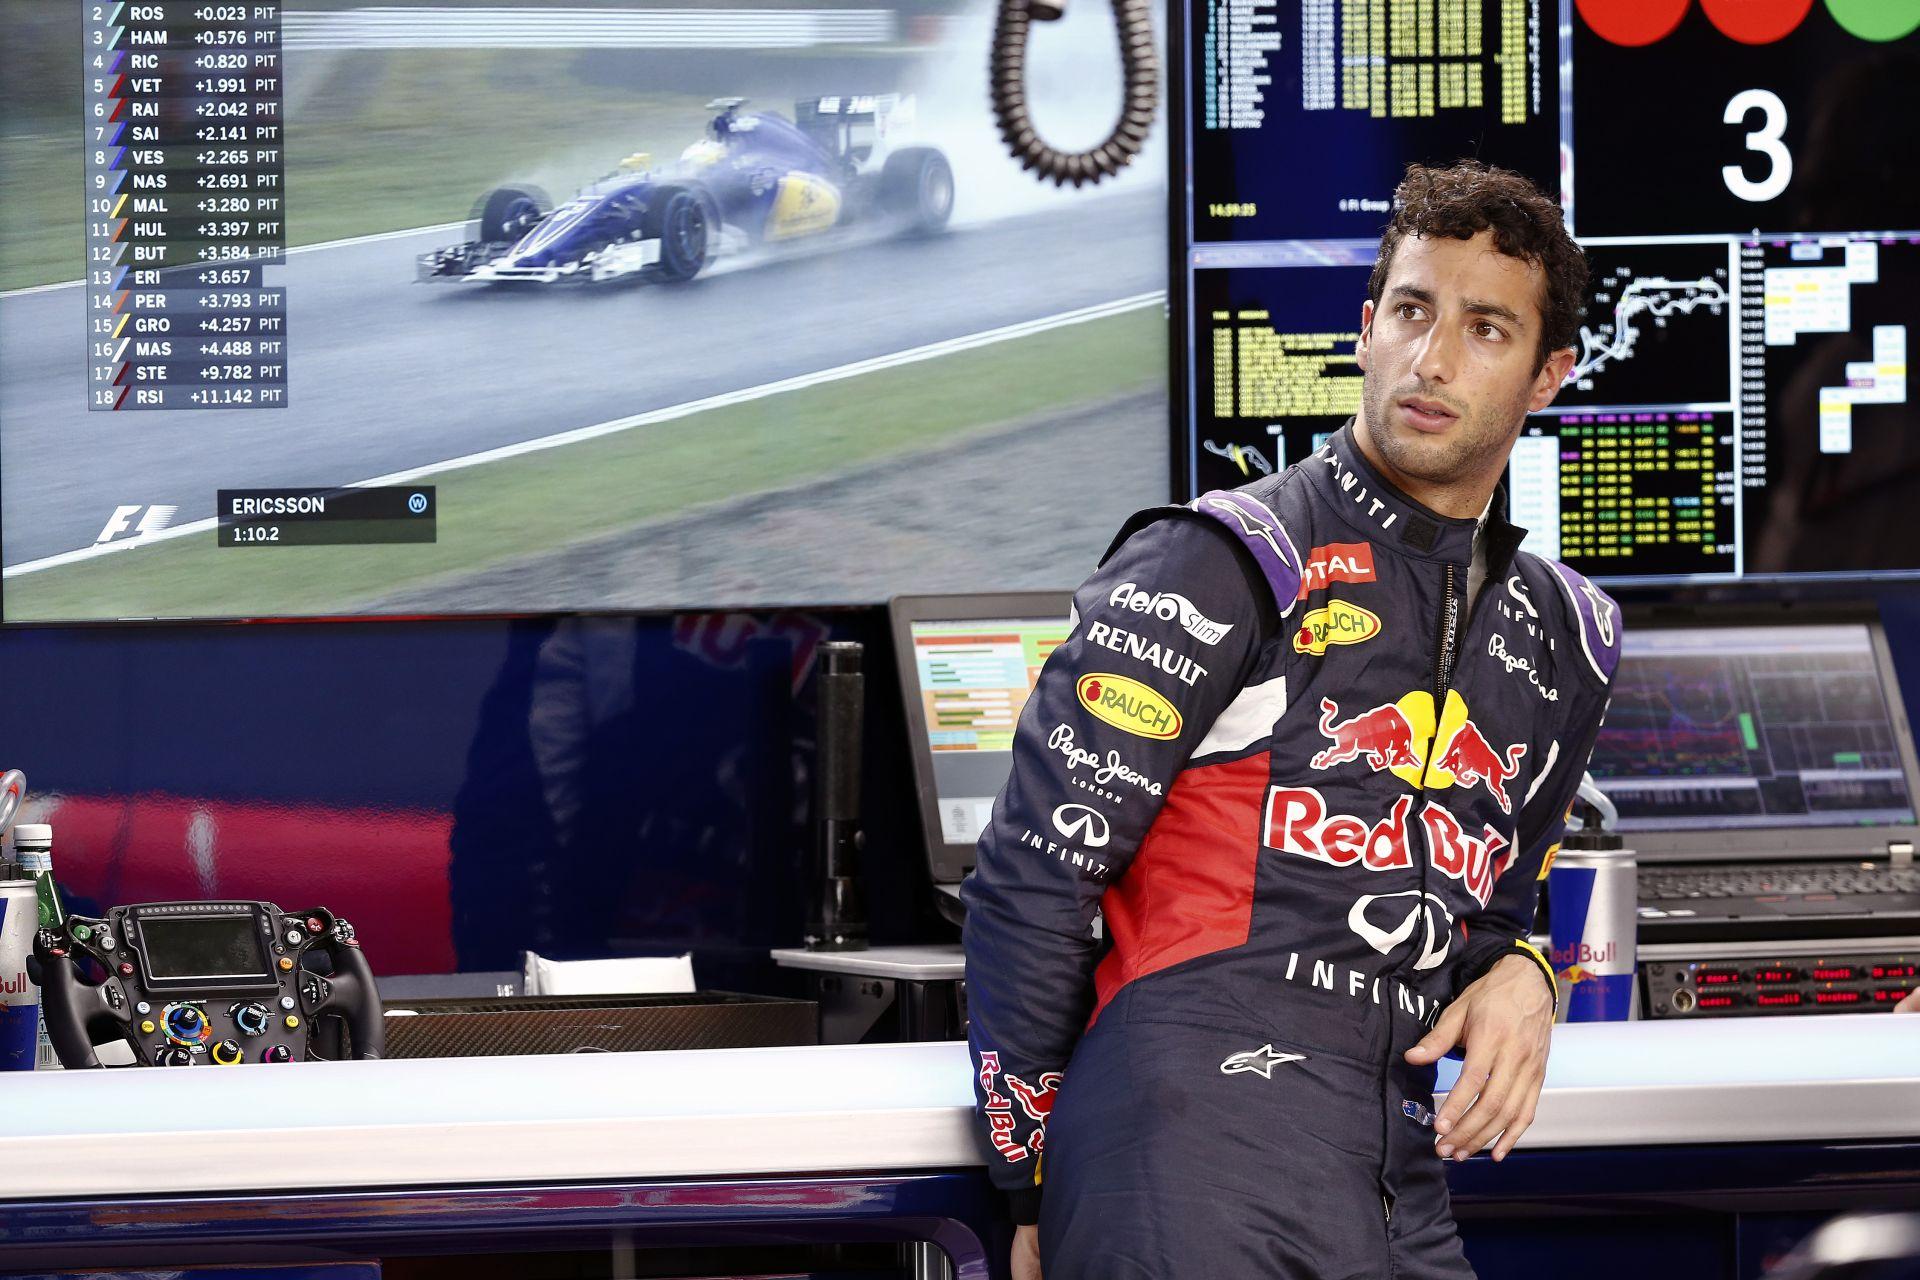 Ricciardo tudta, hogy Kvyat alatt nincs rendben a Red Bull: örül, hogy jól van az orosz